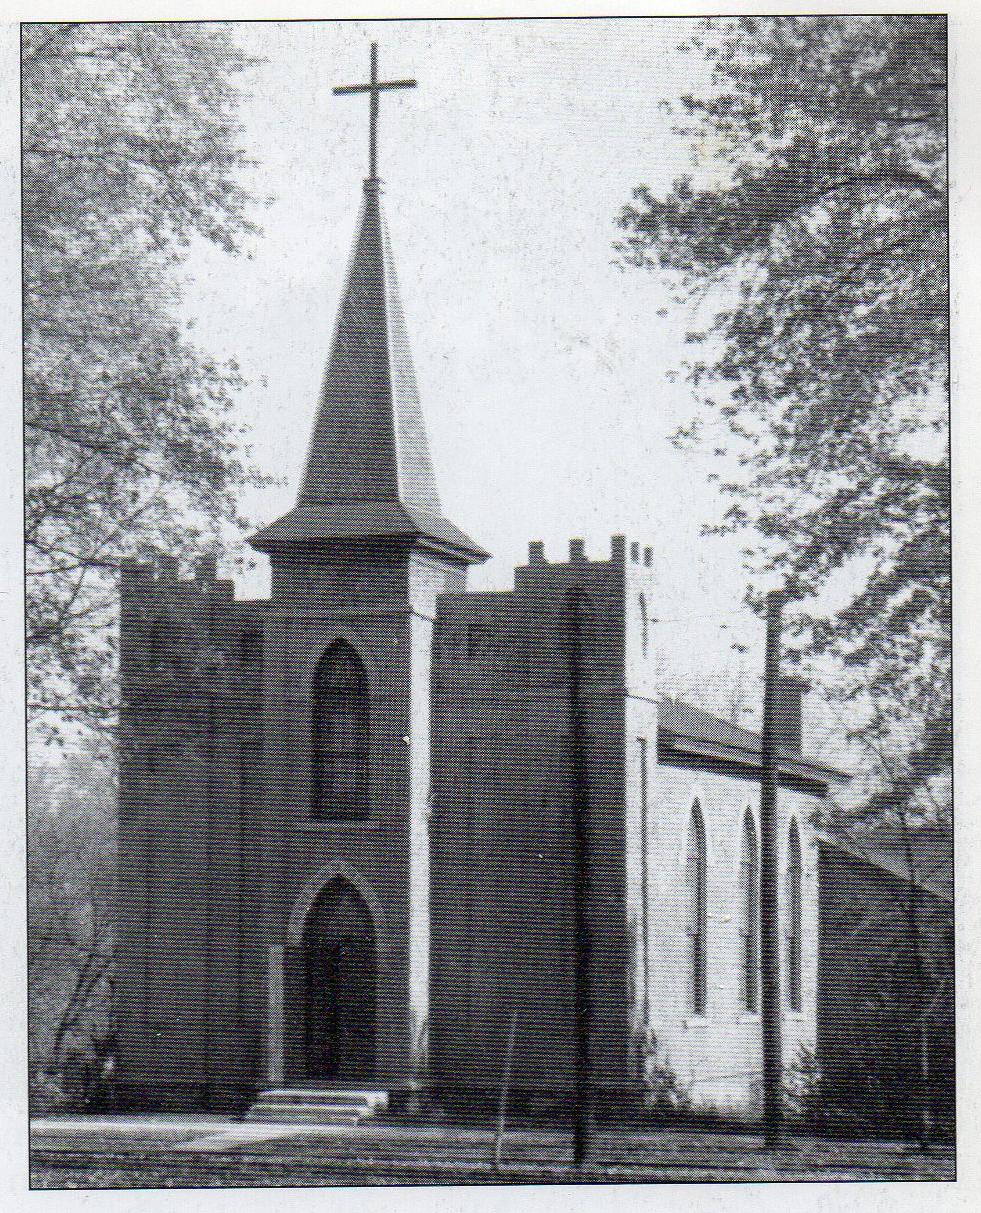 San Patricio Saint Charles